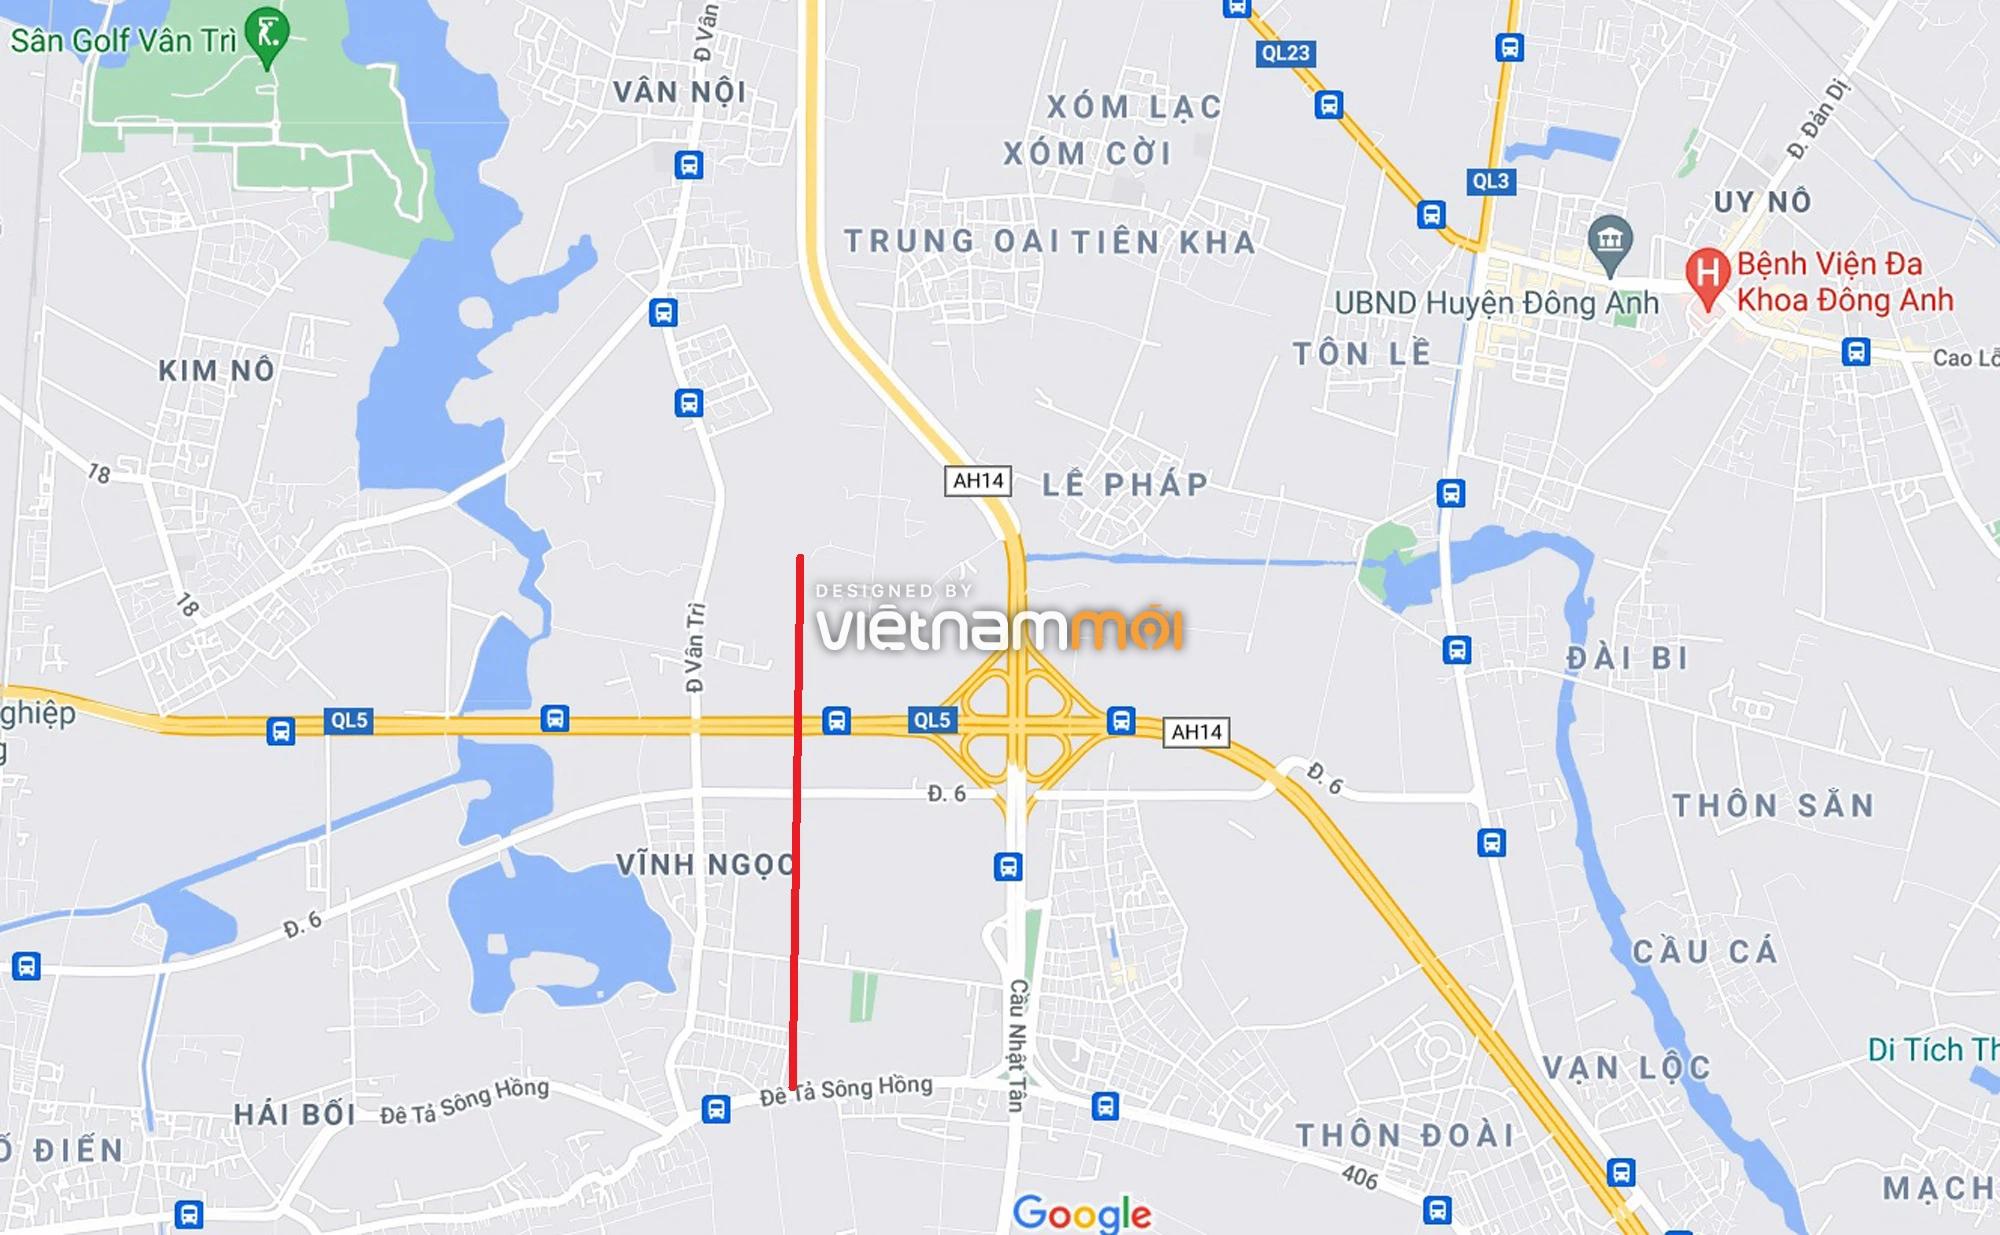 Đường sẽ mở theo quy hoạch xung quanh dự án Thành phố Thông minh Bắc Hà Nội (phần 1) - Ảnh 1.